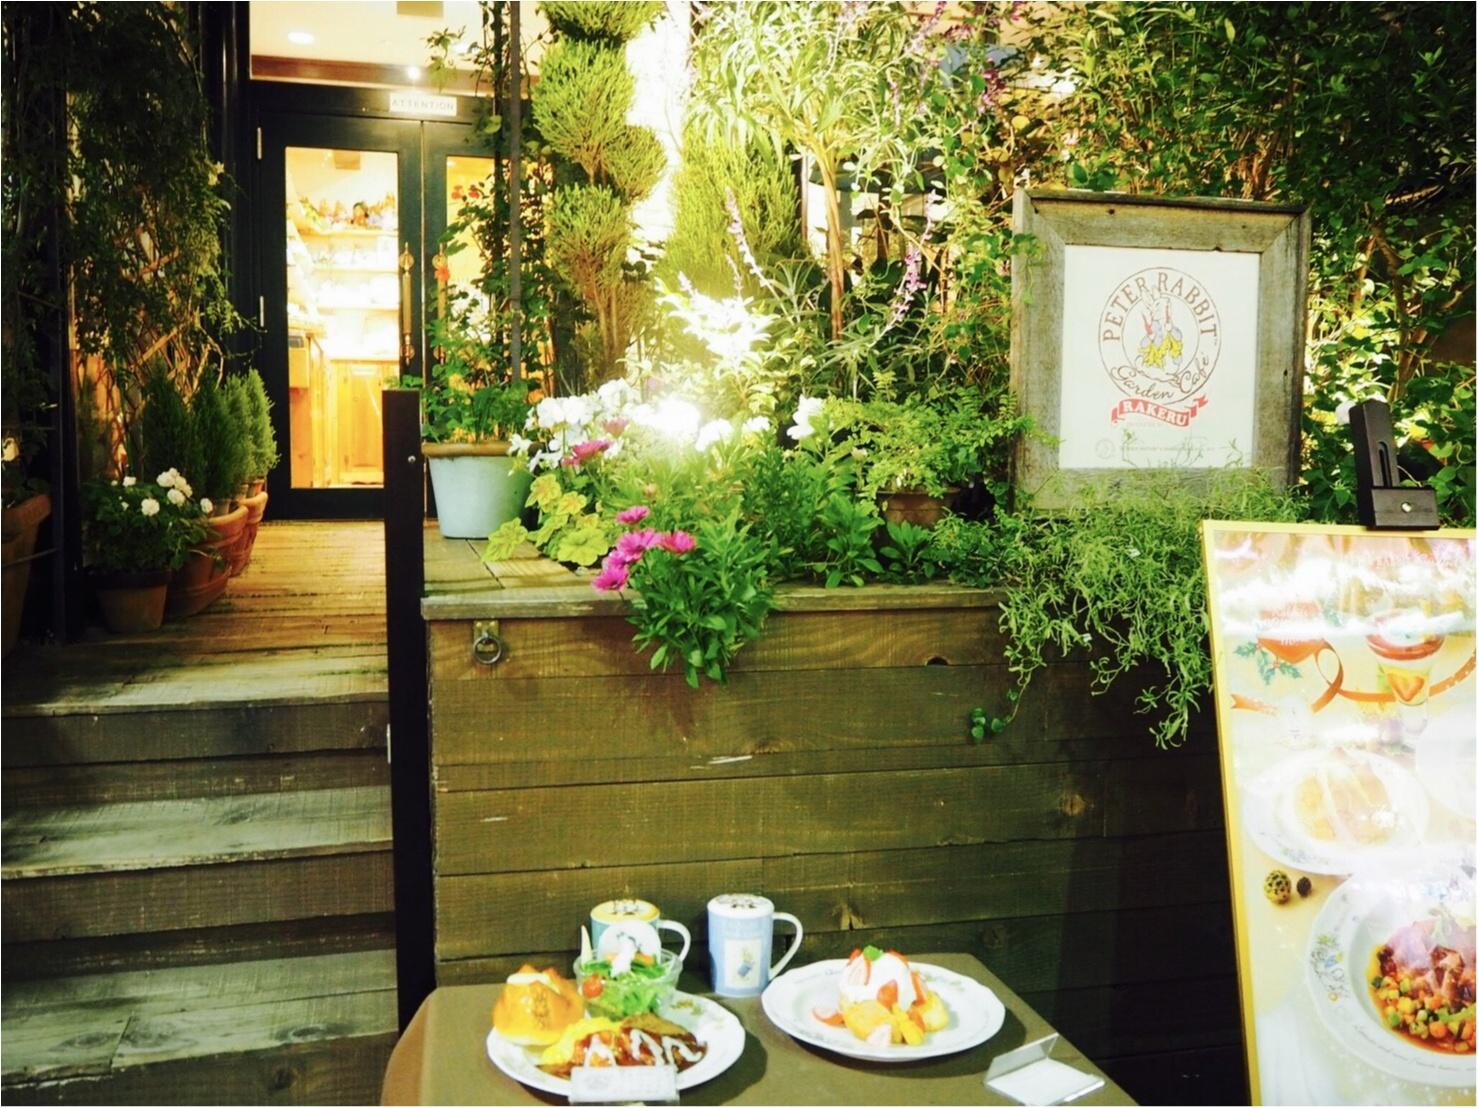 《絵本の世界でディナーを堪能★》イギリスのガーデンカフェで、ピーターラビットと一緒に食事が楽しめちゃいます♡♡_1